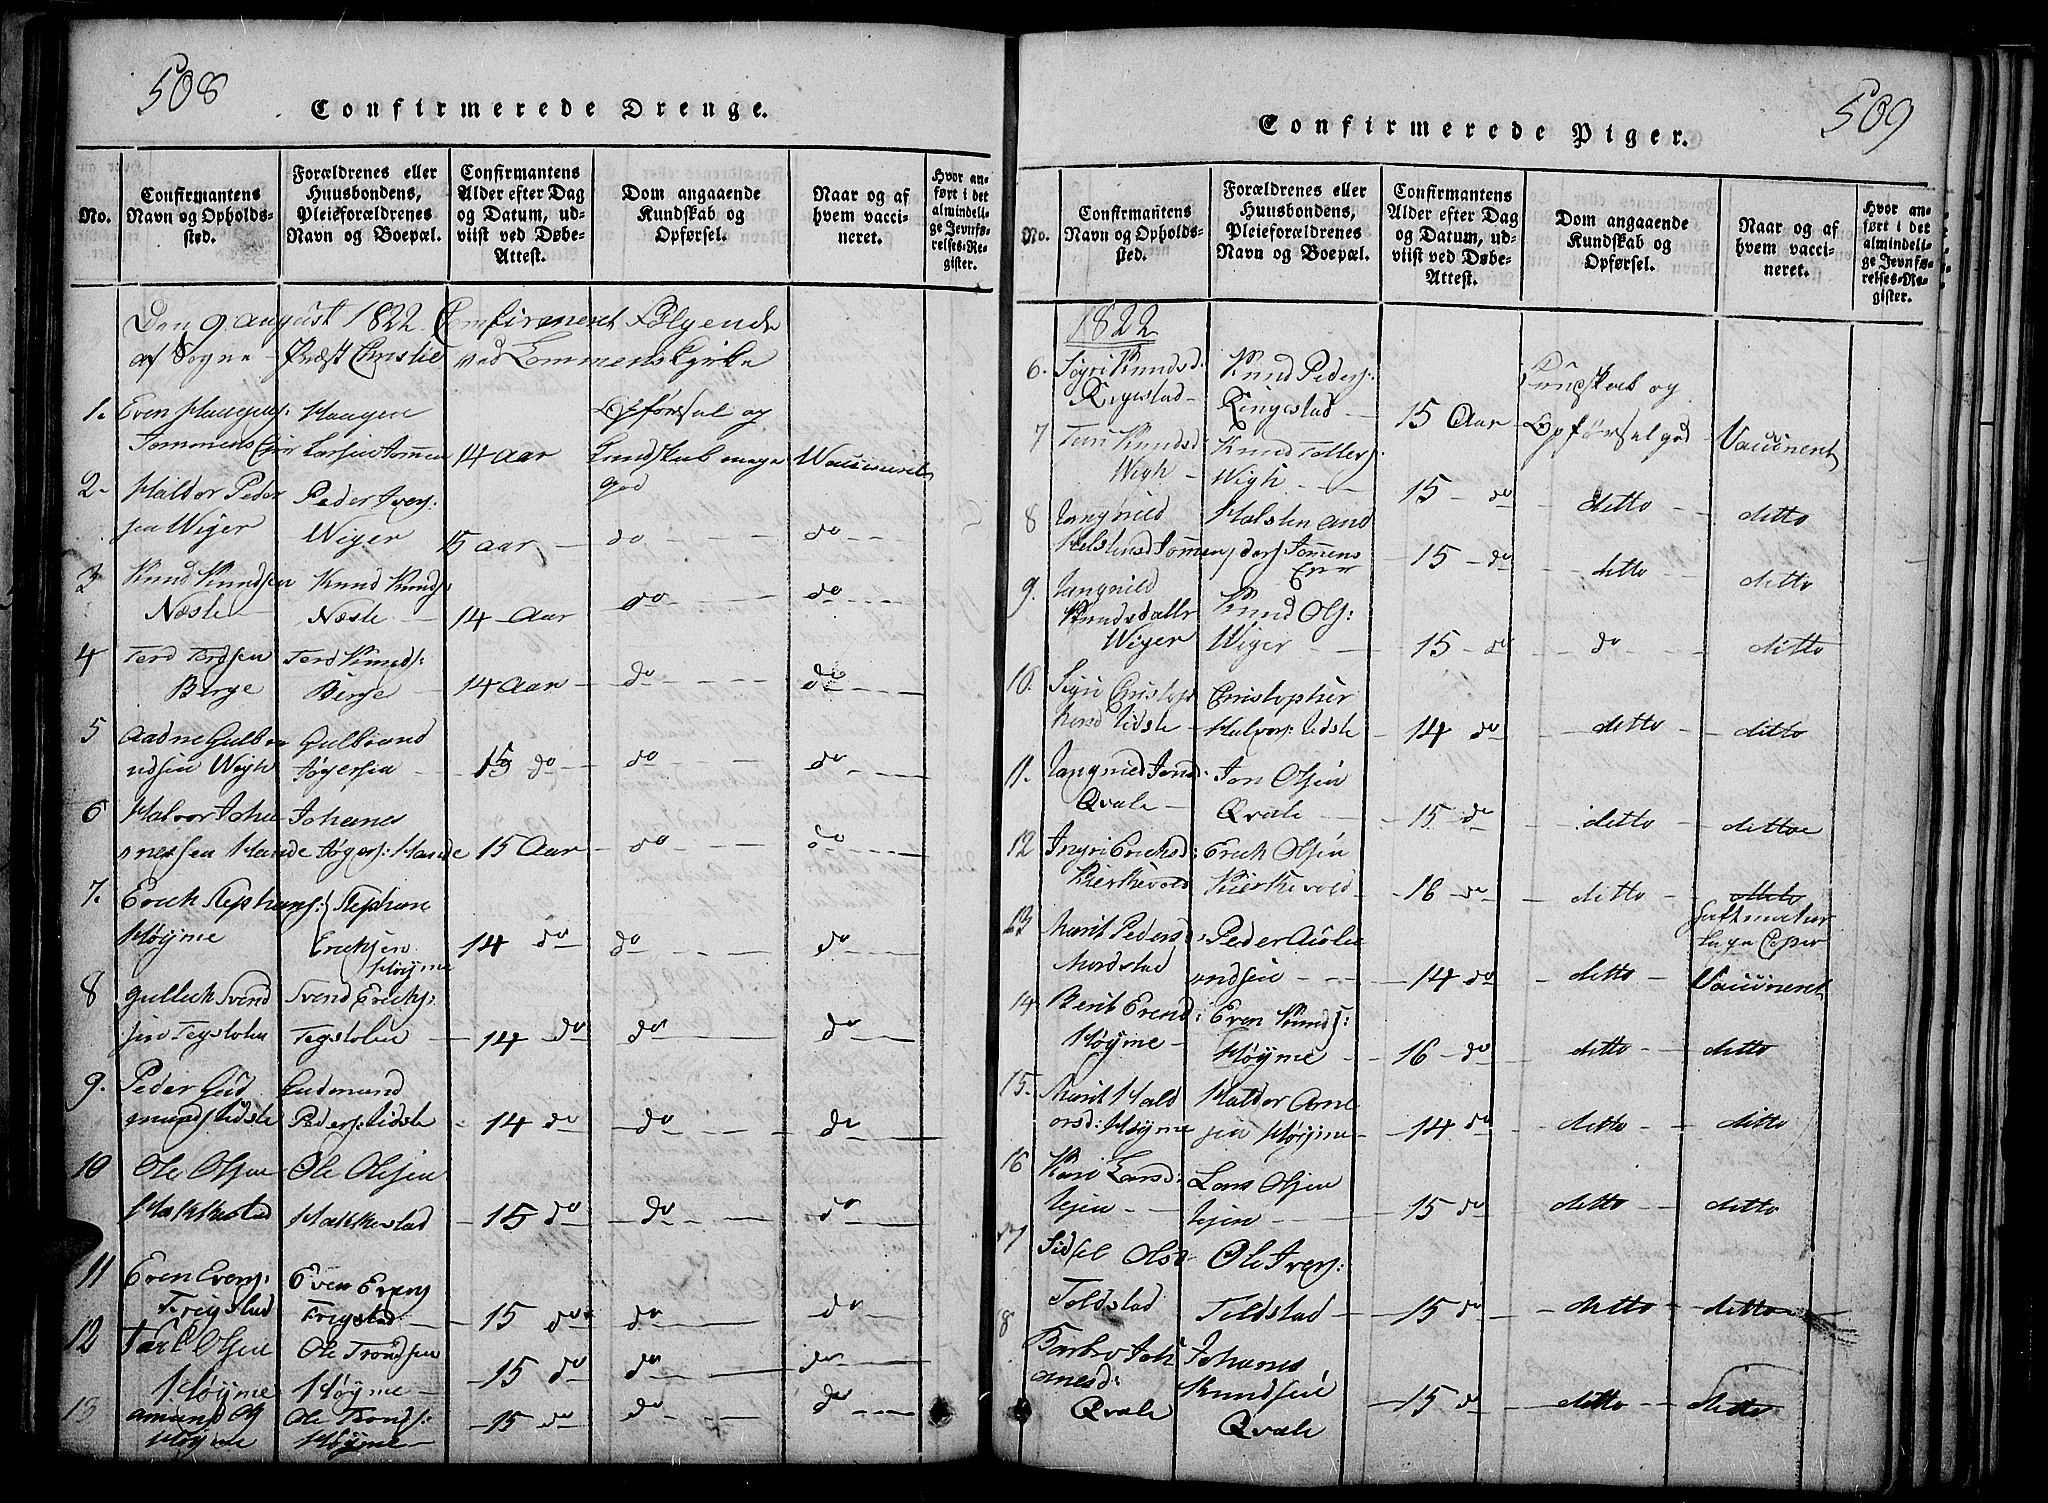 SAH, Slidre prestekontor, Ministerialbok nr. 2, 1814-1830, s. 508-509